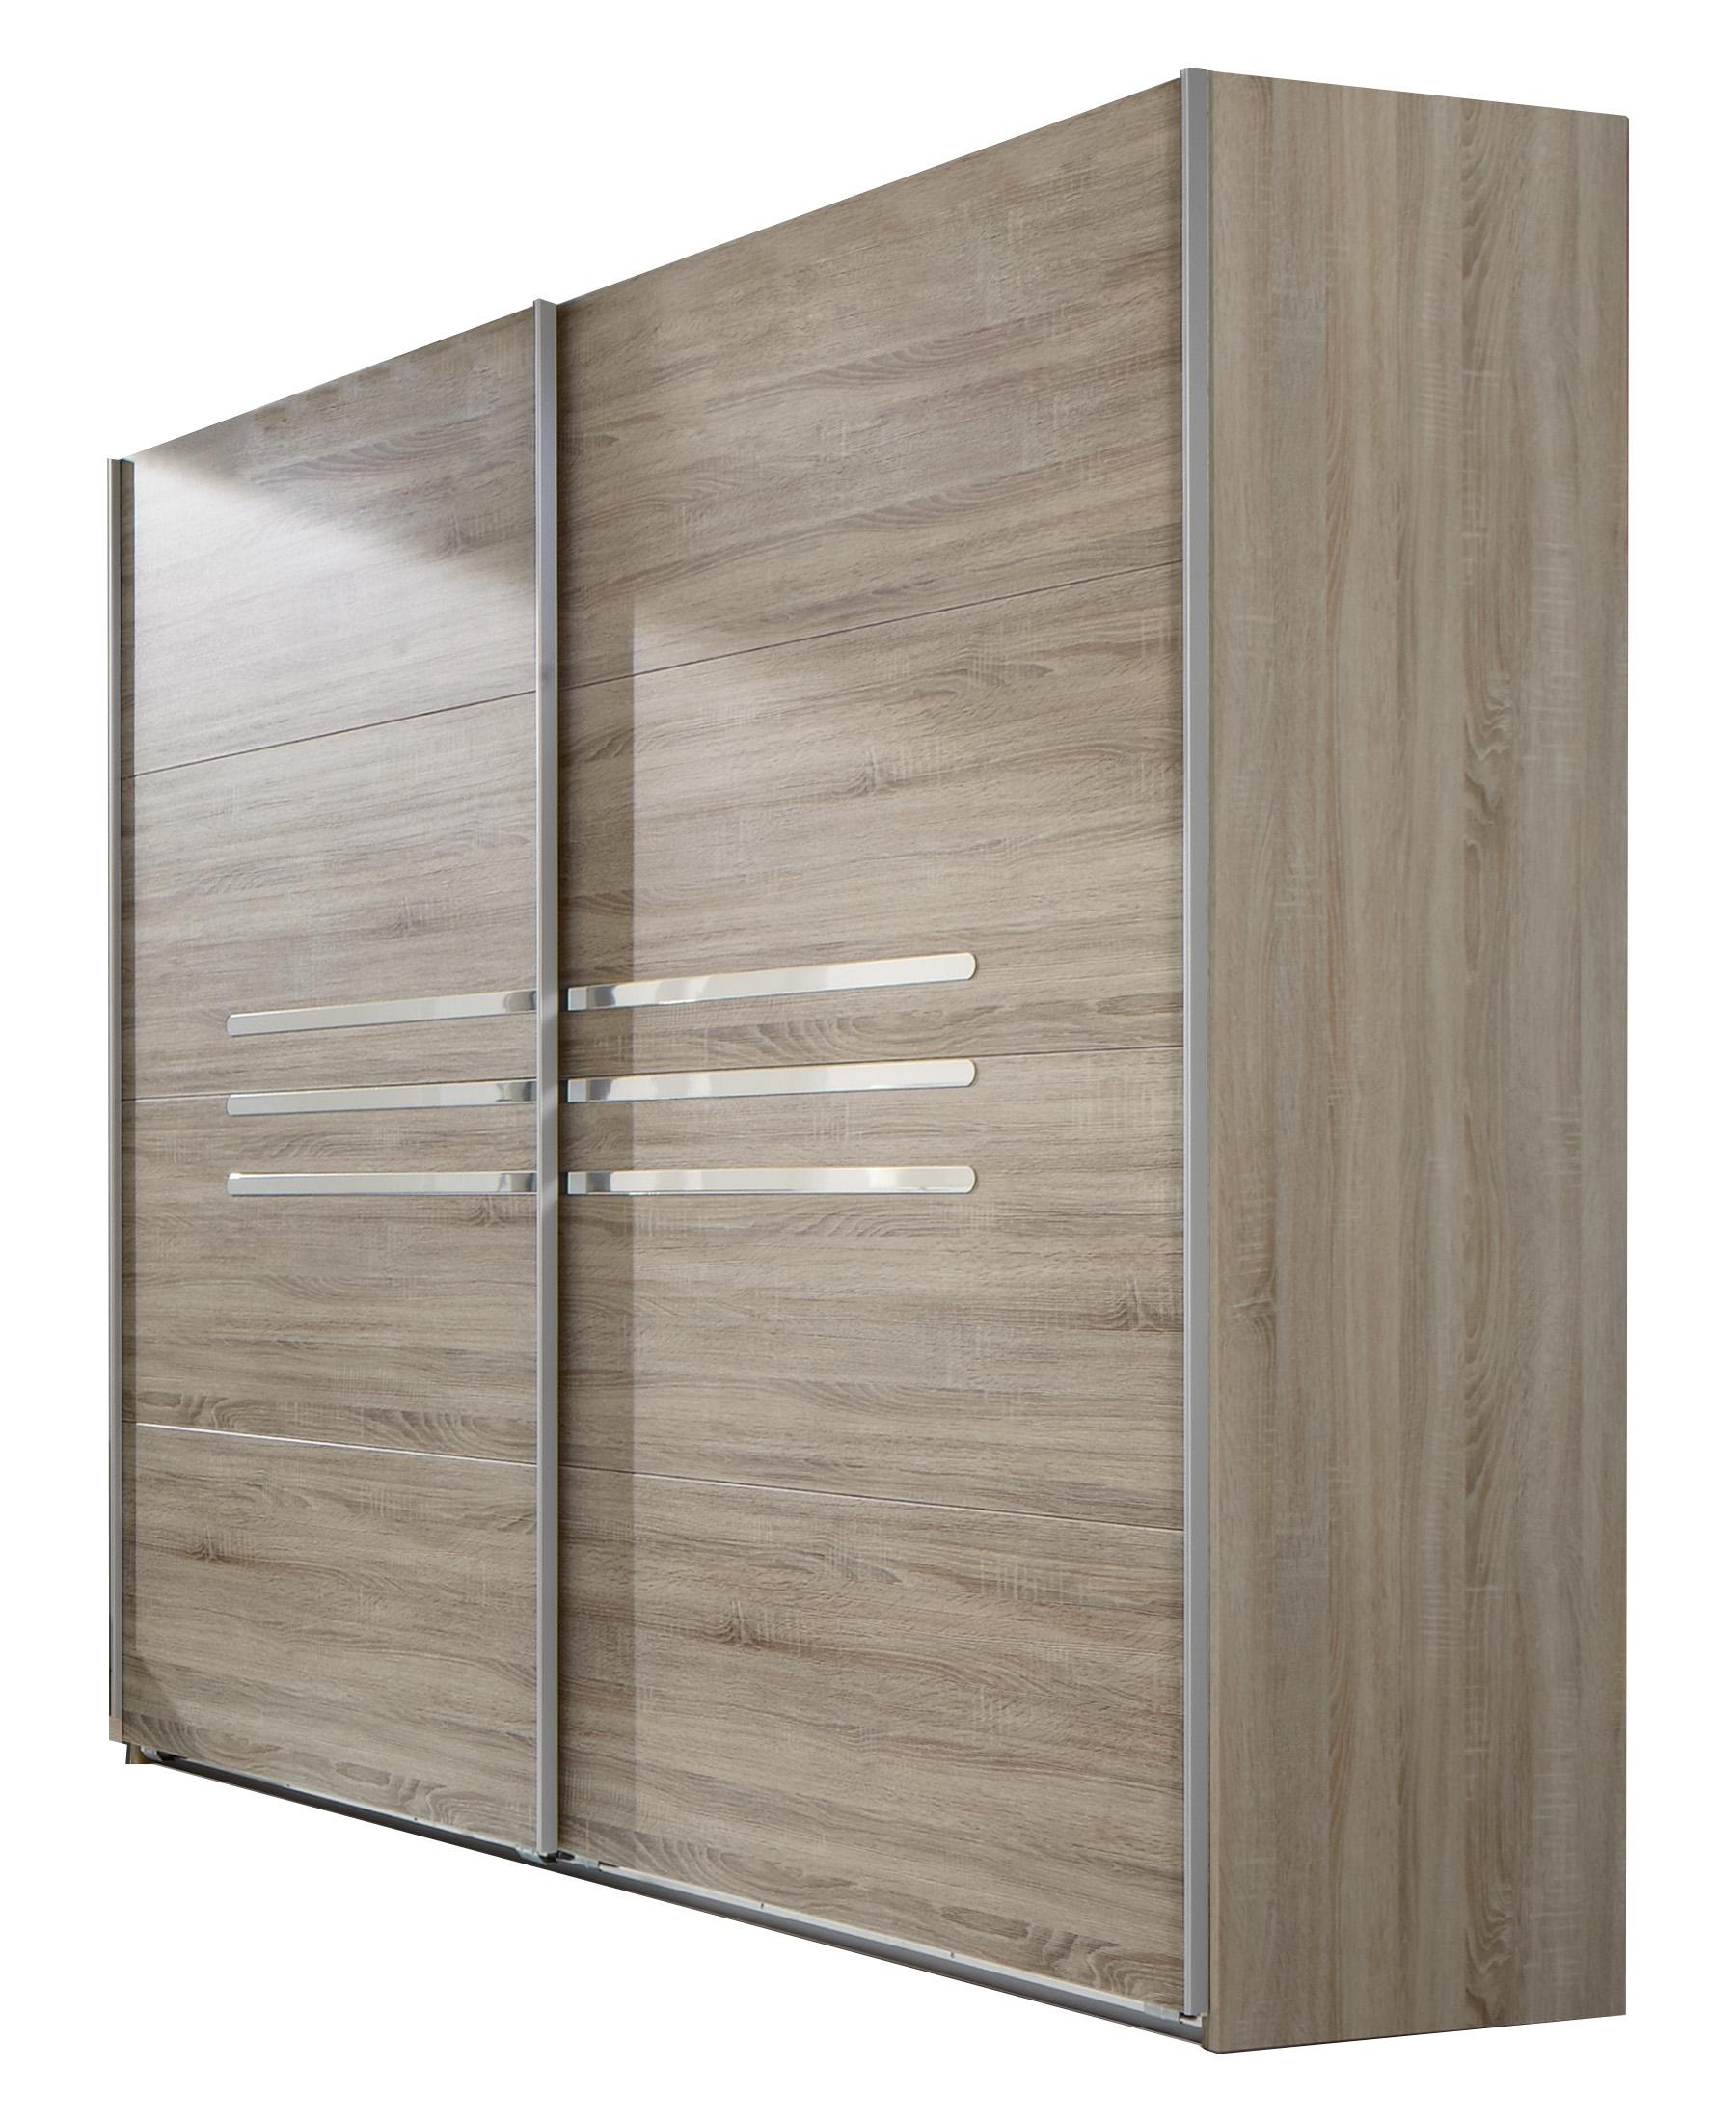 Armoire contemporaine portes coulissantes 225 cm chêne/chrome brillant Anabelle